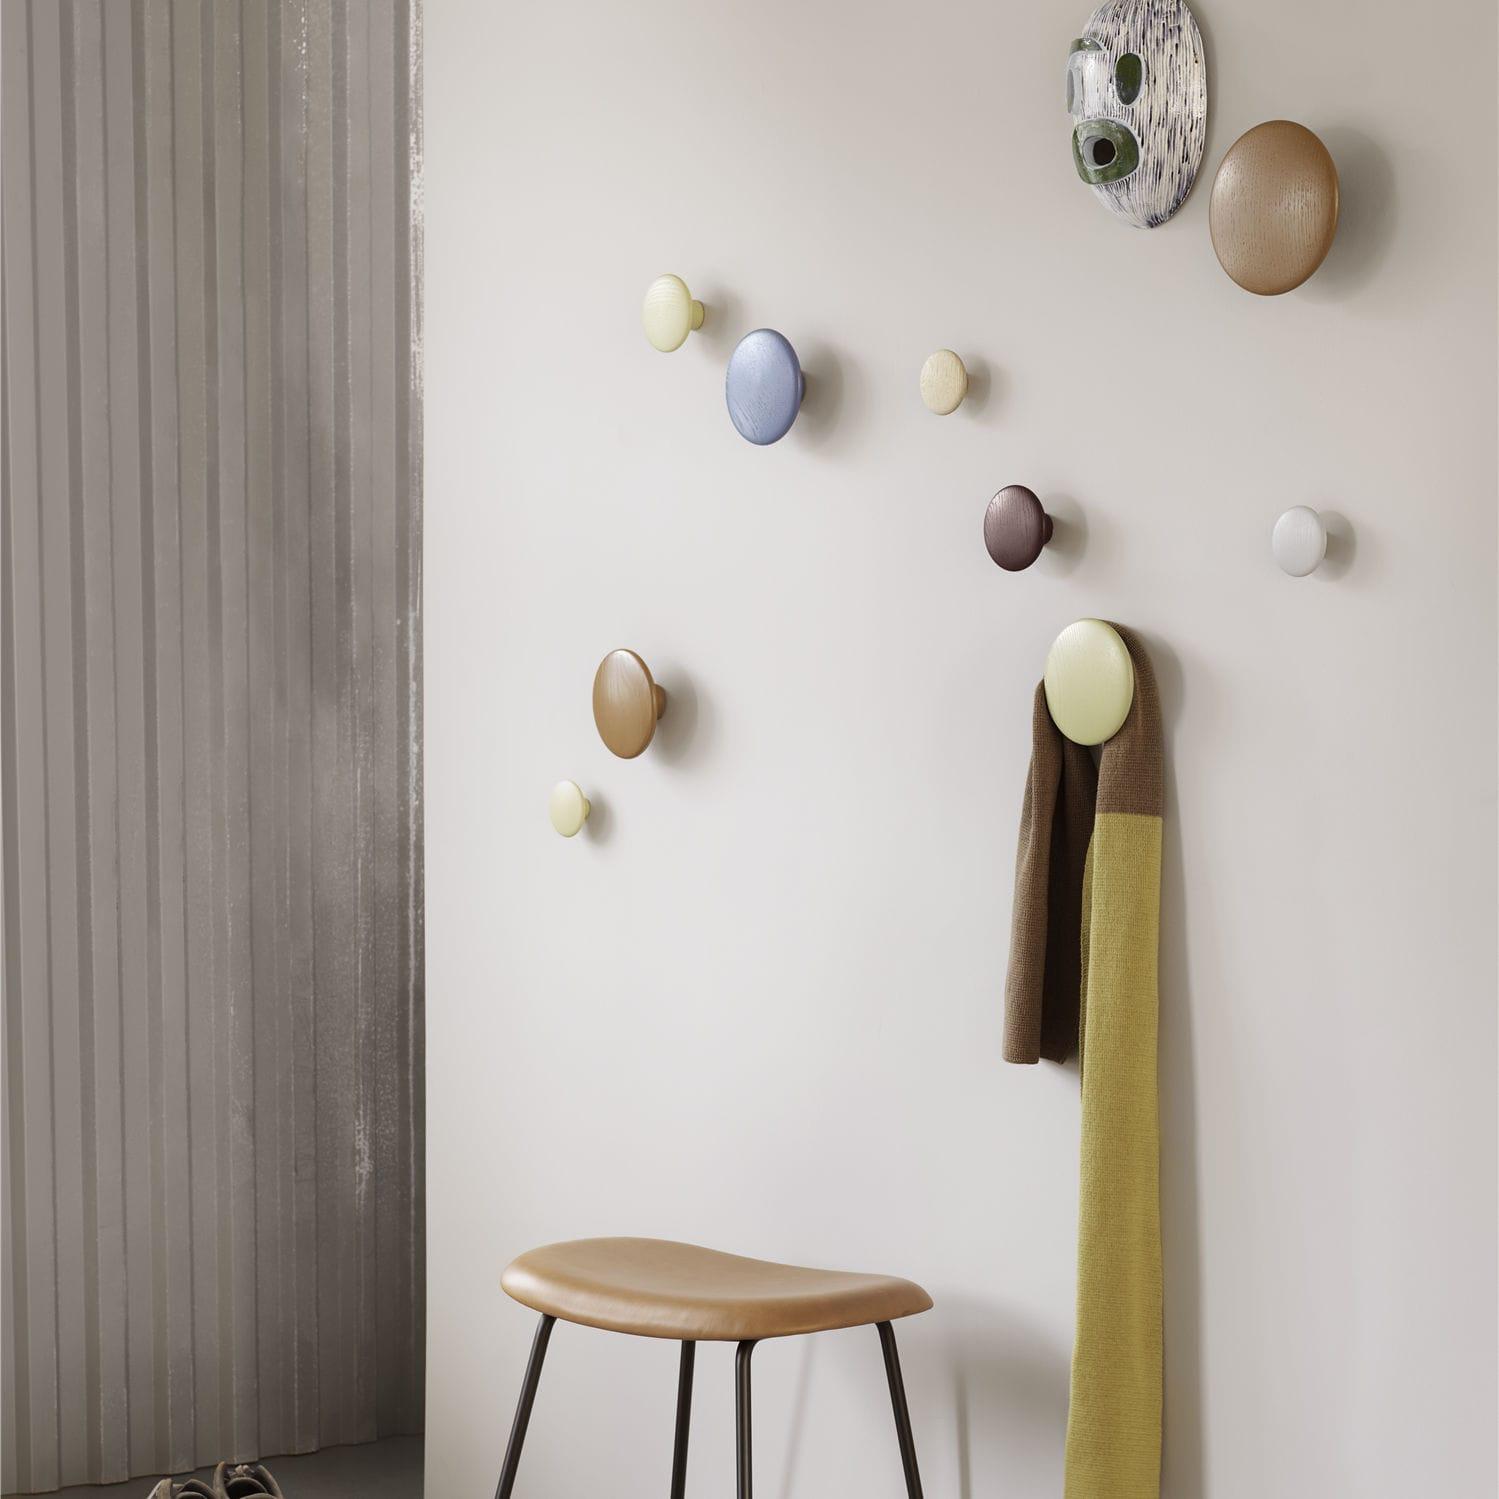 Appendiabiti a muro / moderno / in legno - THE DOTS by Lars Tornøe ...